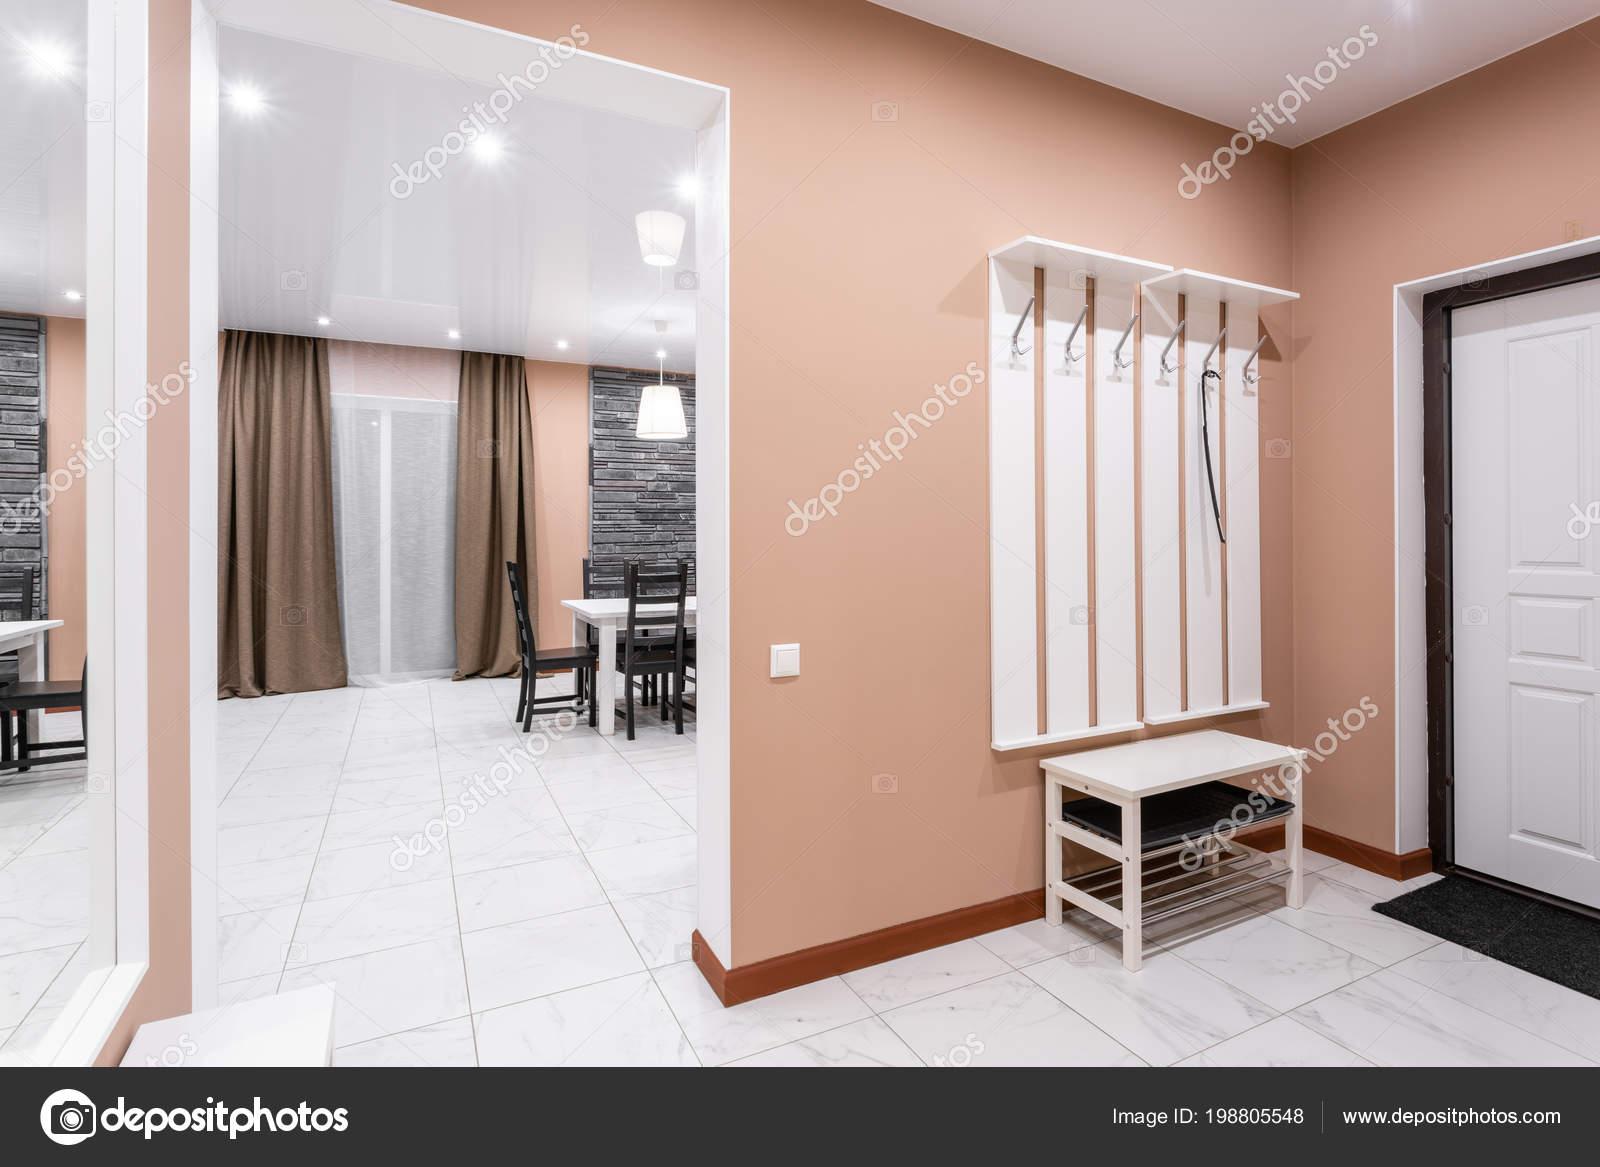 Salon interieur van de stijl van de moderne minimalisme. eenvoudige